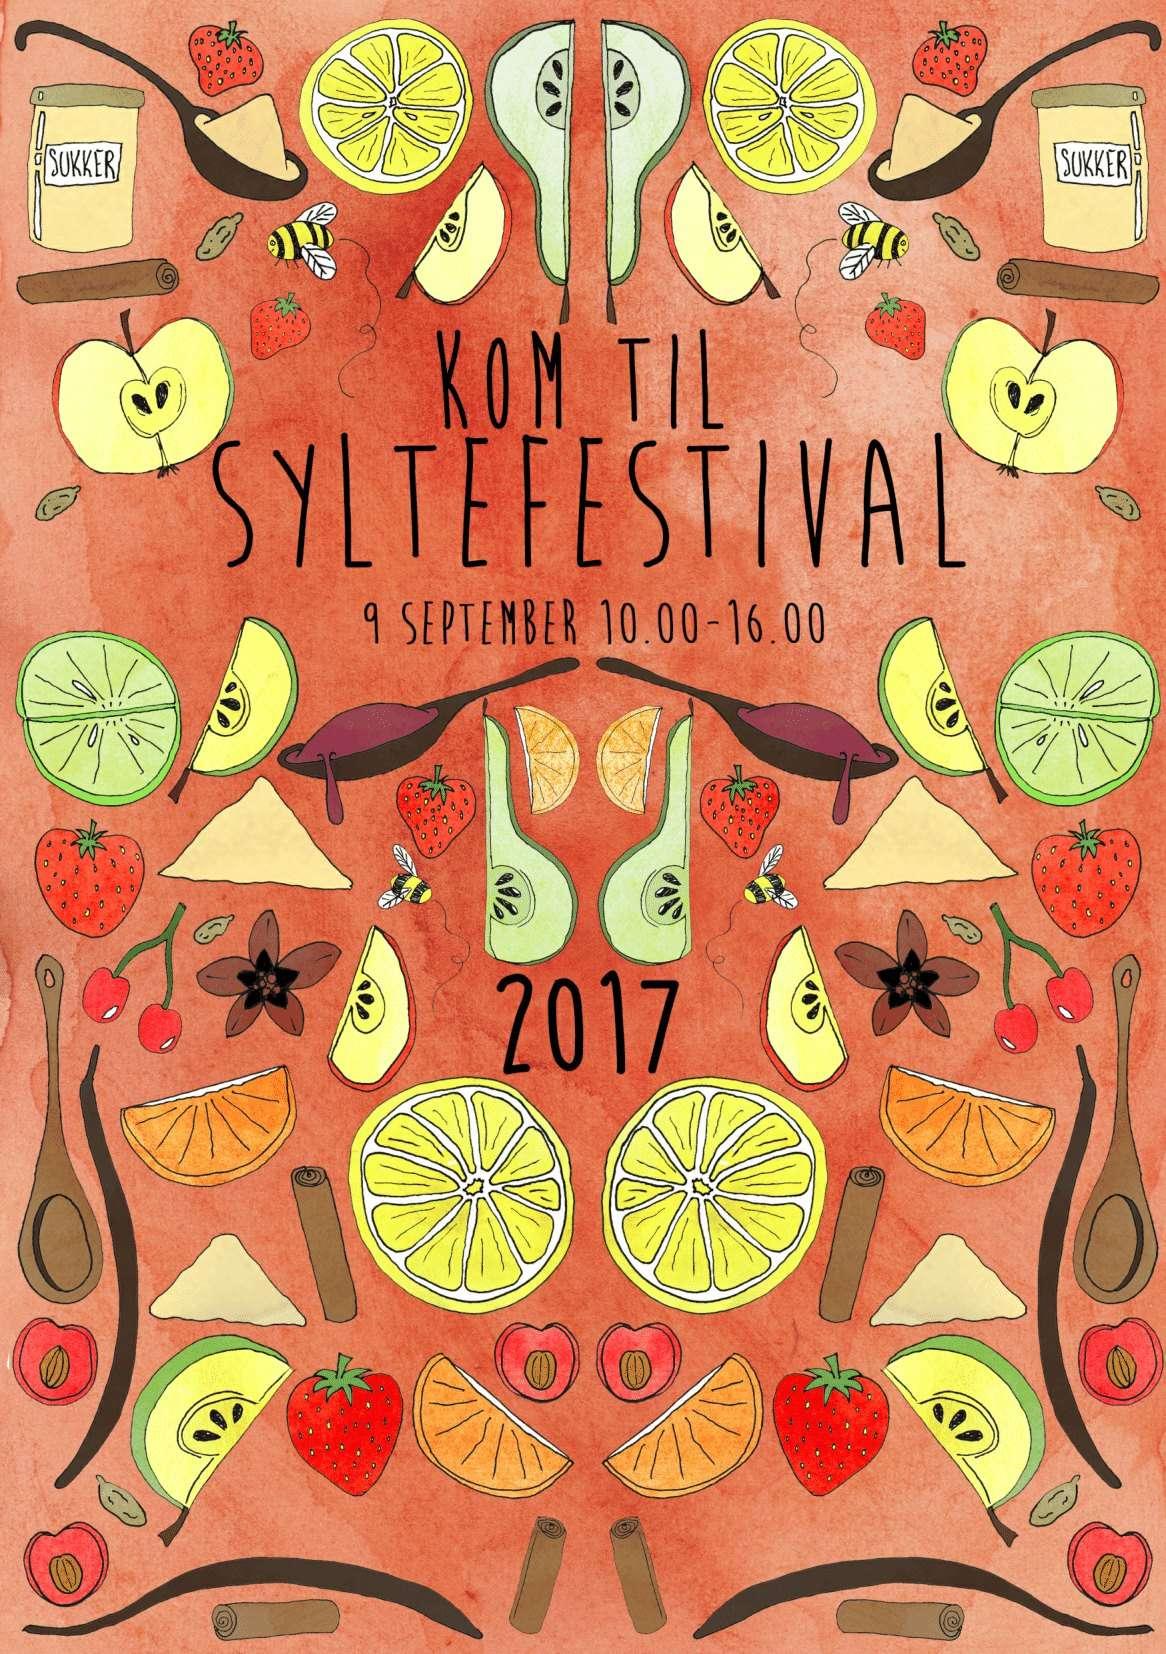 Syltefestivalen 2017